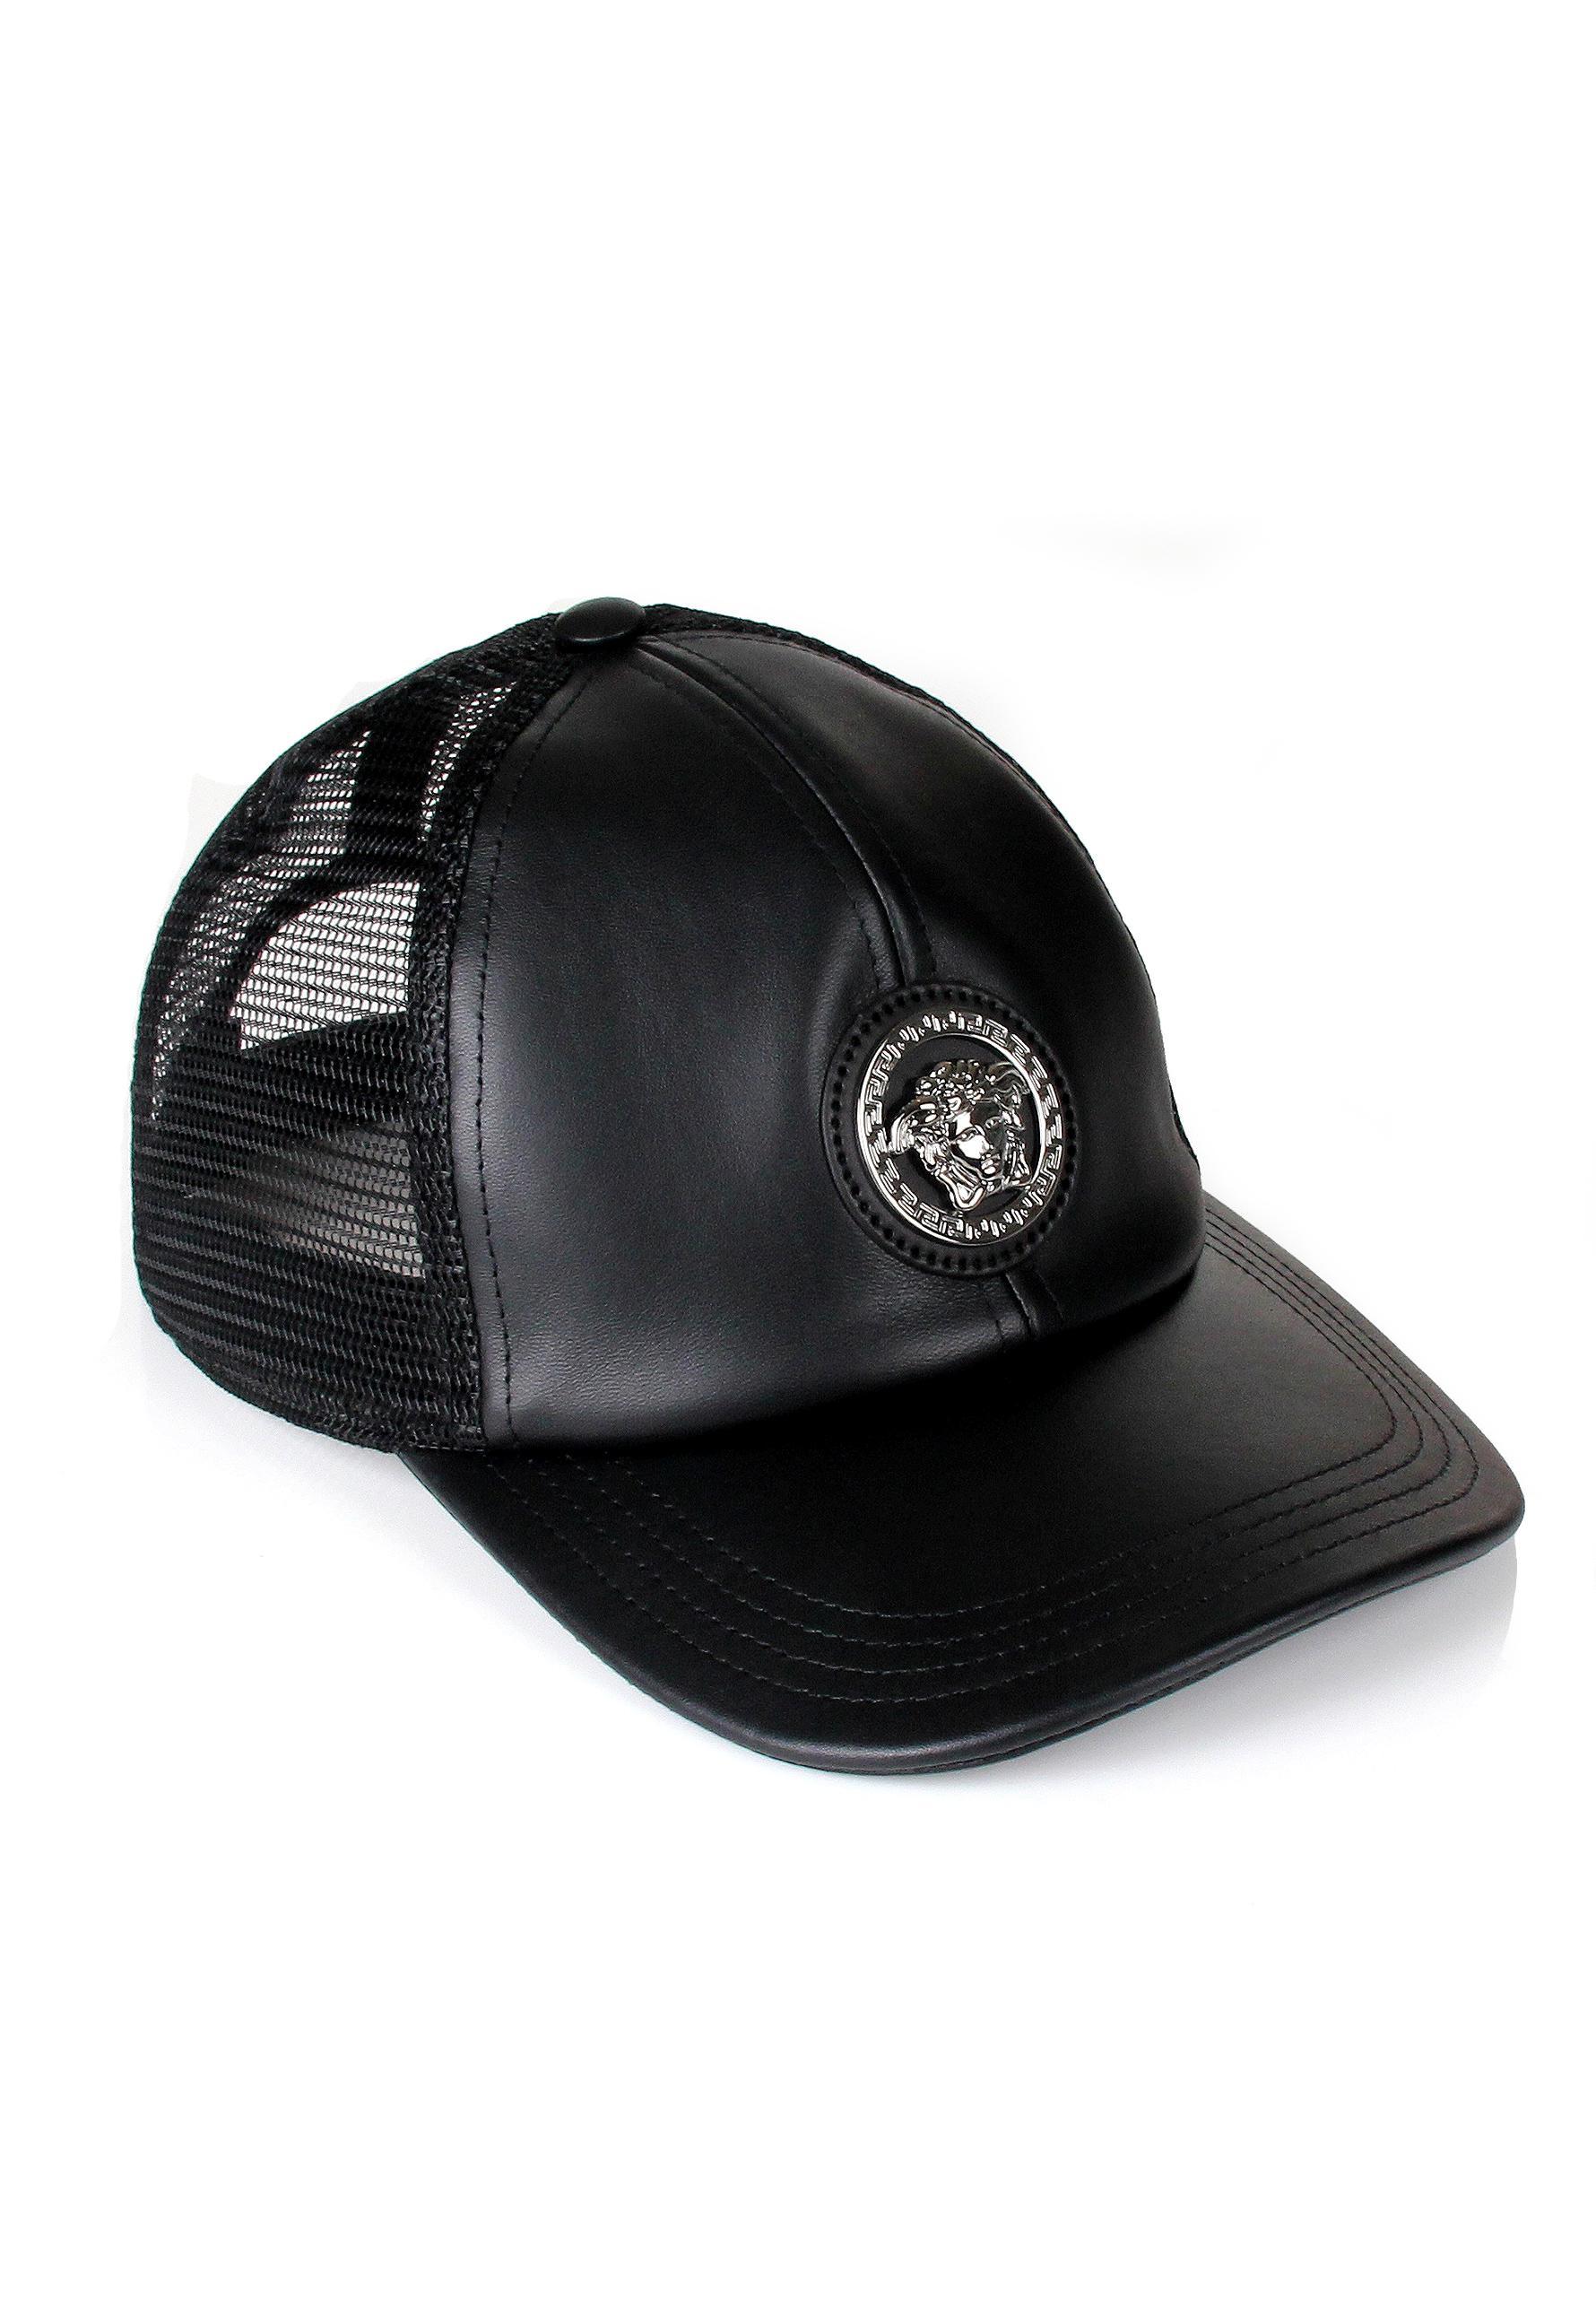 Lyst - Versace Medusa Trucker Cap Black in Black for Men 97d63dd39c7